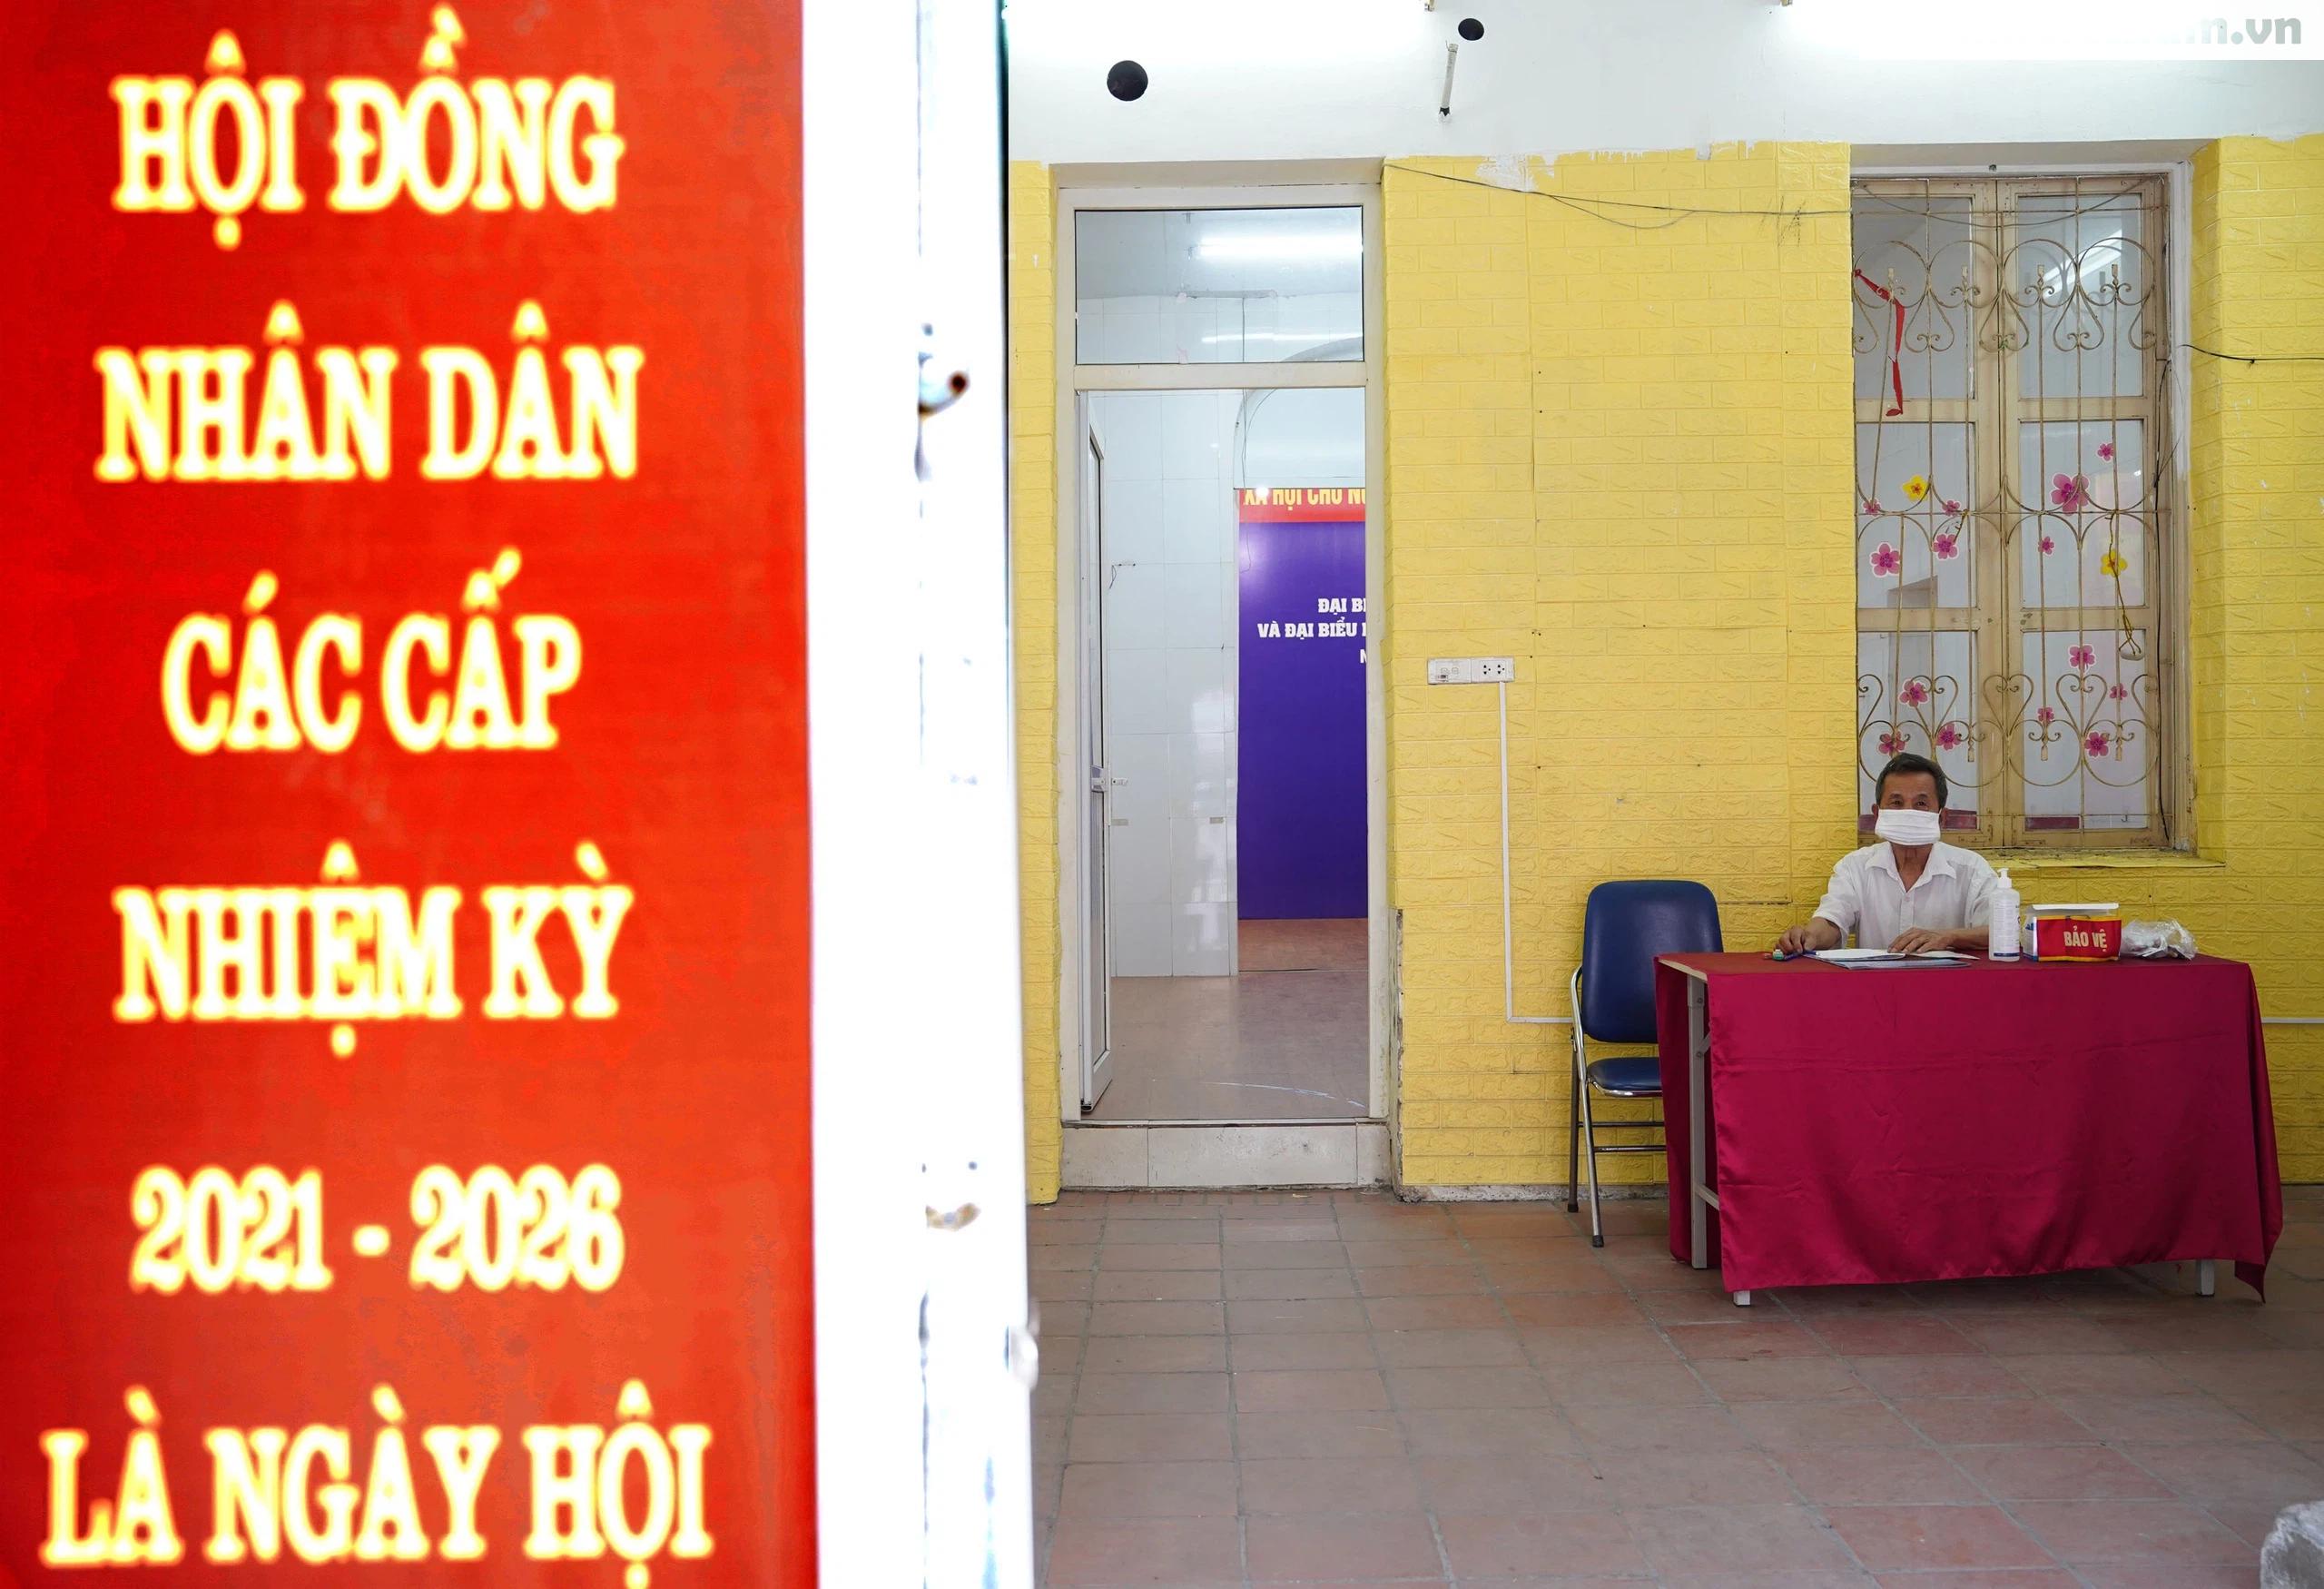 """Phố phường Hà Nội rực rỡ cờ phướn, tranh cổ động chào mừng """"Ngày hội của toàn dân"""" - Ảnh 2."""